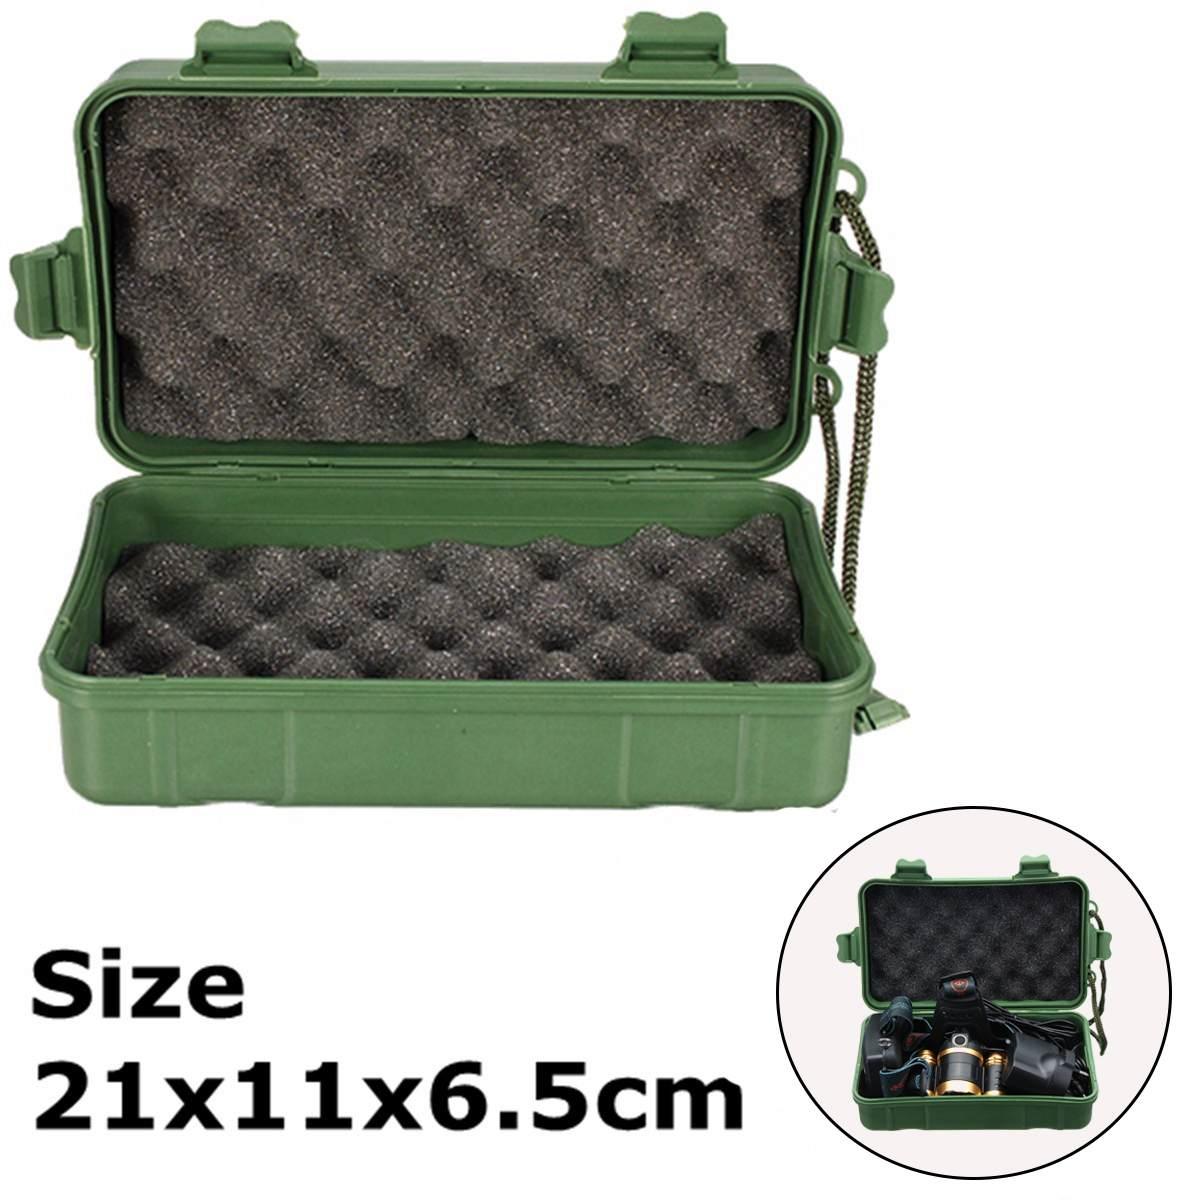 Green Plastic Kit Box Case Storage Holder For Led Flashlight Torch Lamp Light Headlight 21cm/18cm